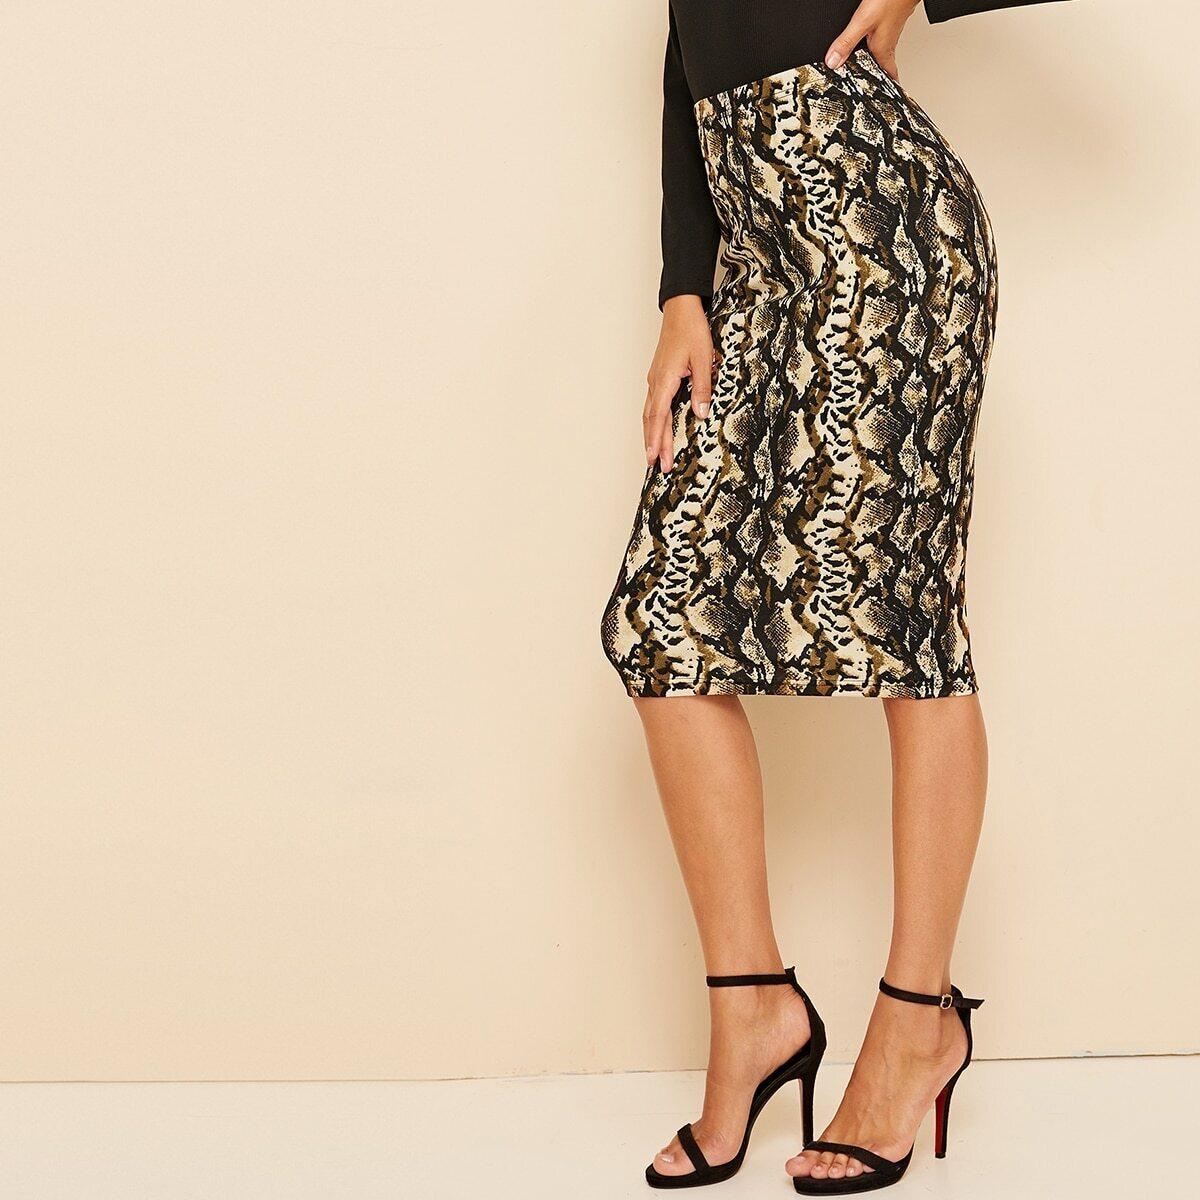 SHEIN / Falda lápiz con estampado de piel de serpiente de cintura alta